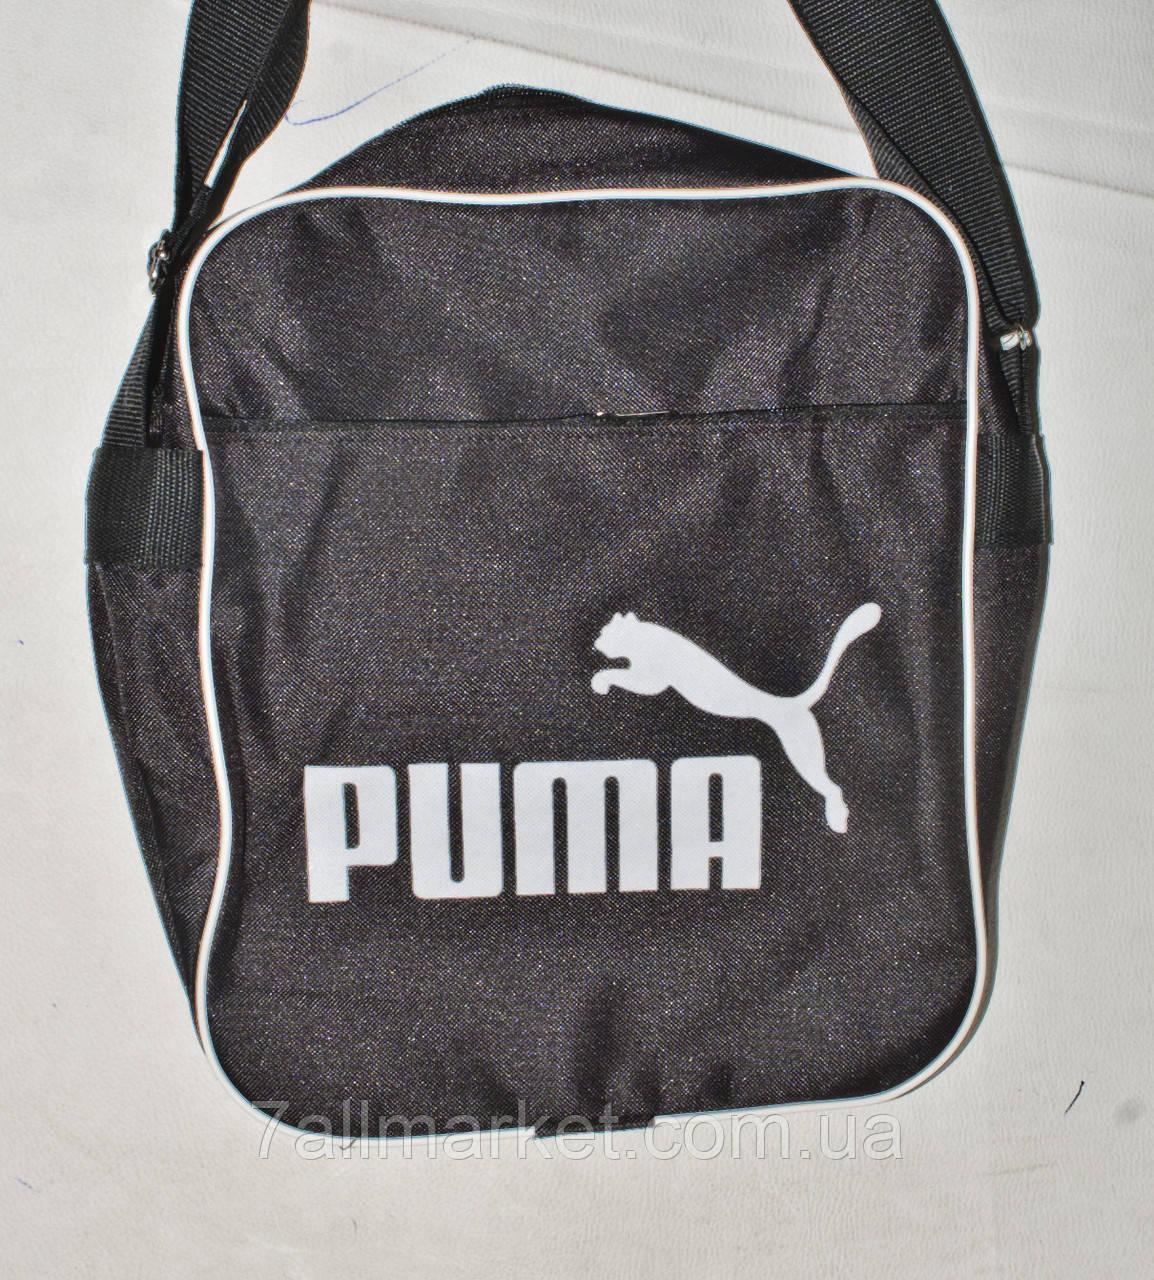 b2f5ed5c Сумка спортивная Puma оригинальная размер 26*33 Серии